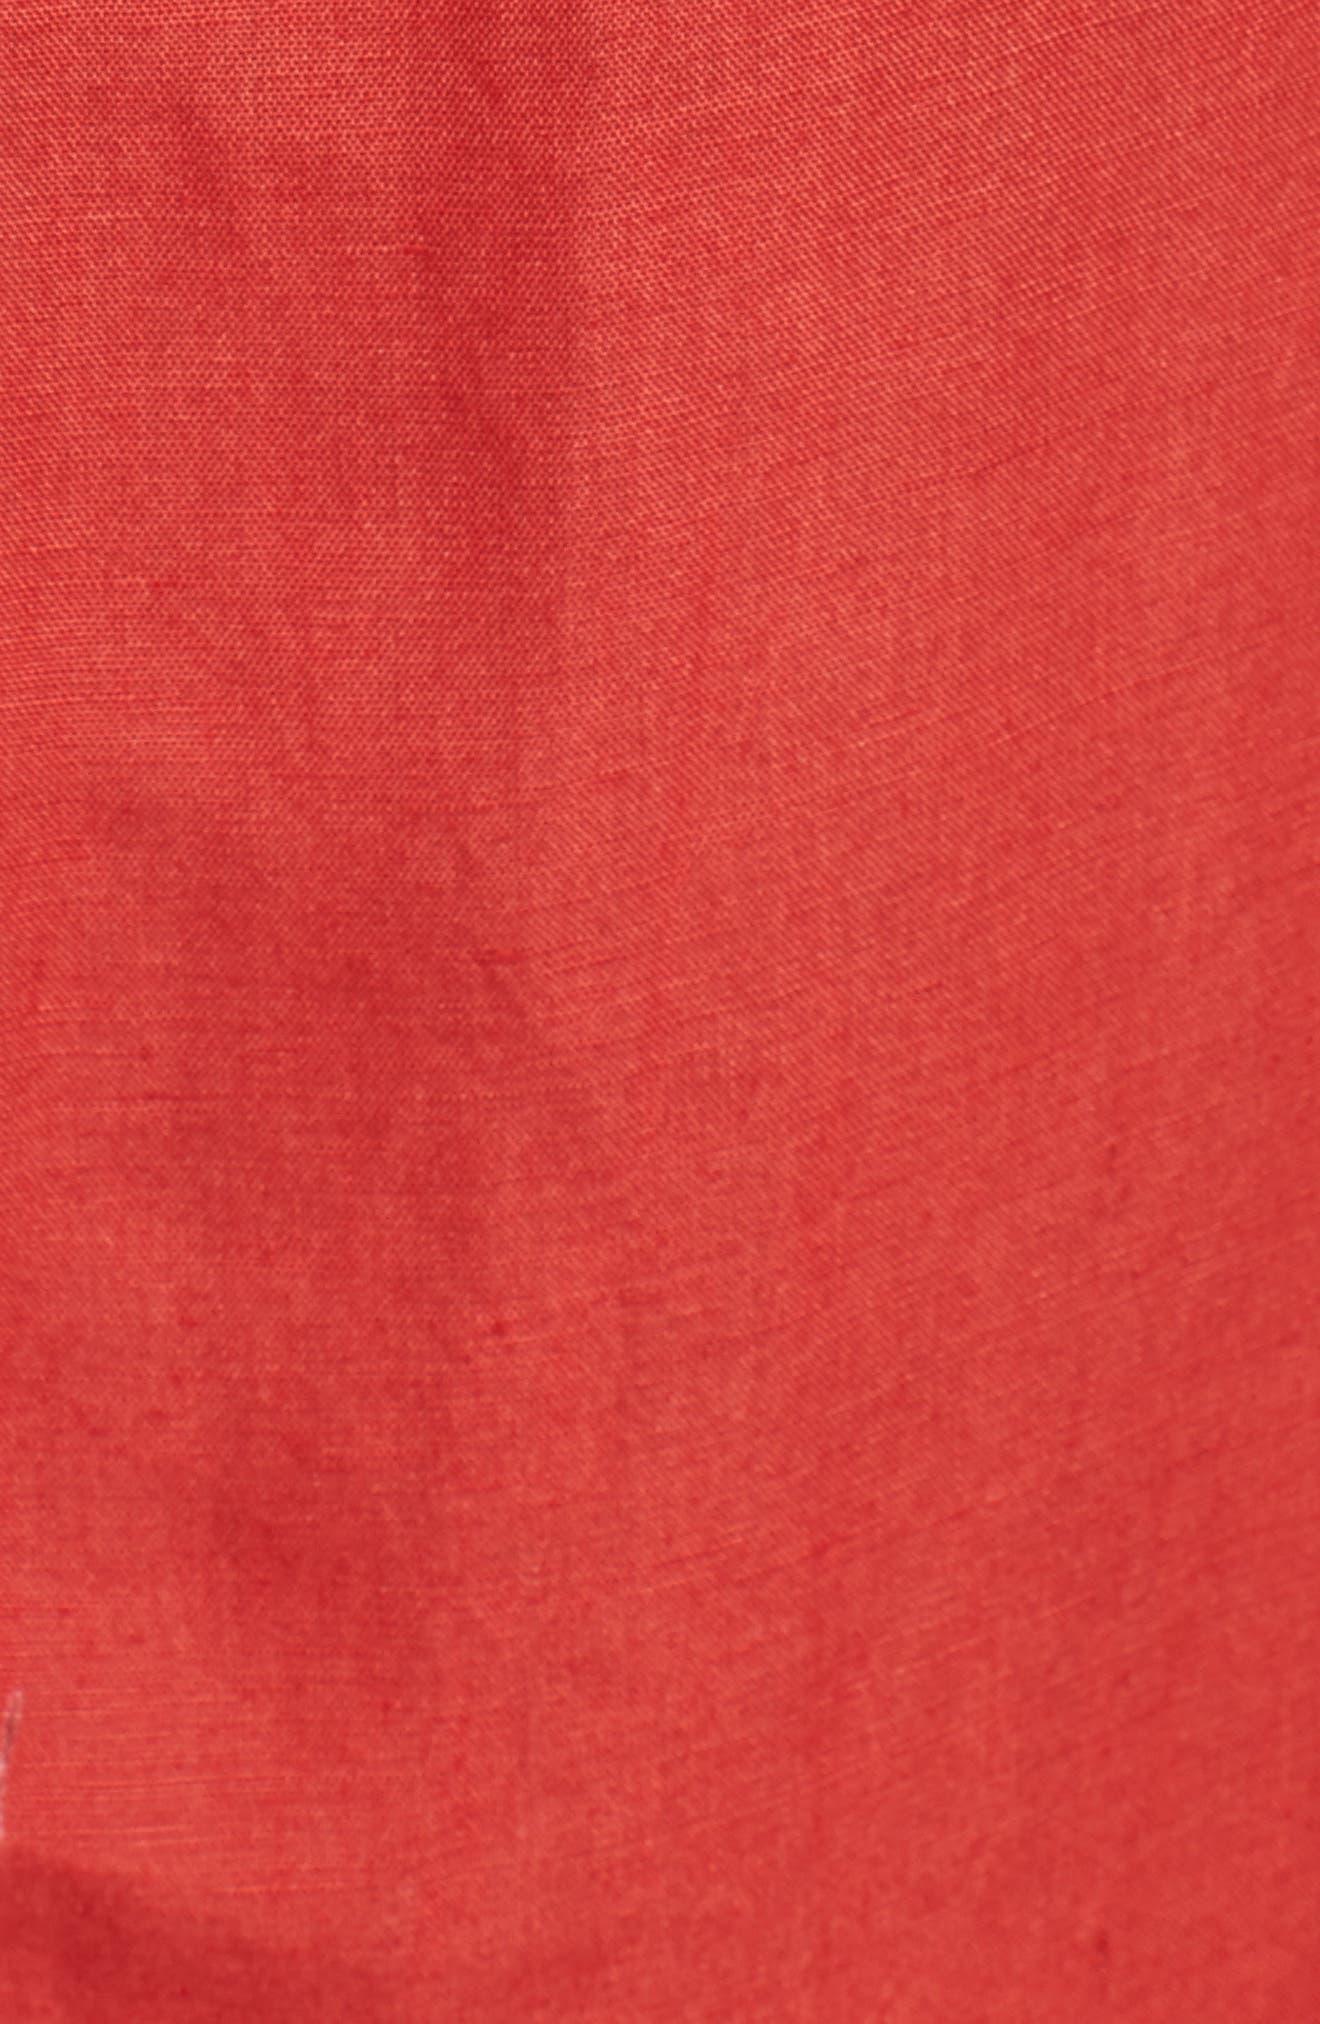 Linen Blend Midi Skirt,                             Alternate thumbnail 5, color,                             Red